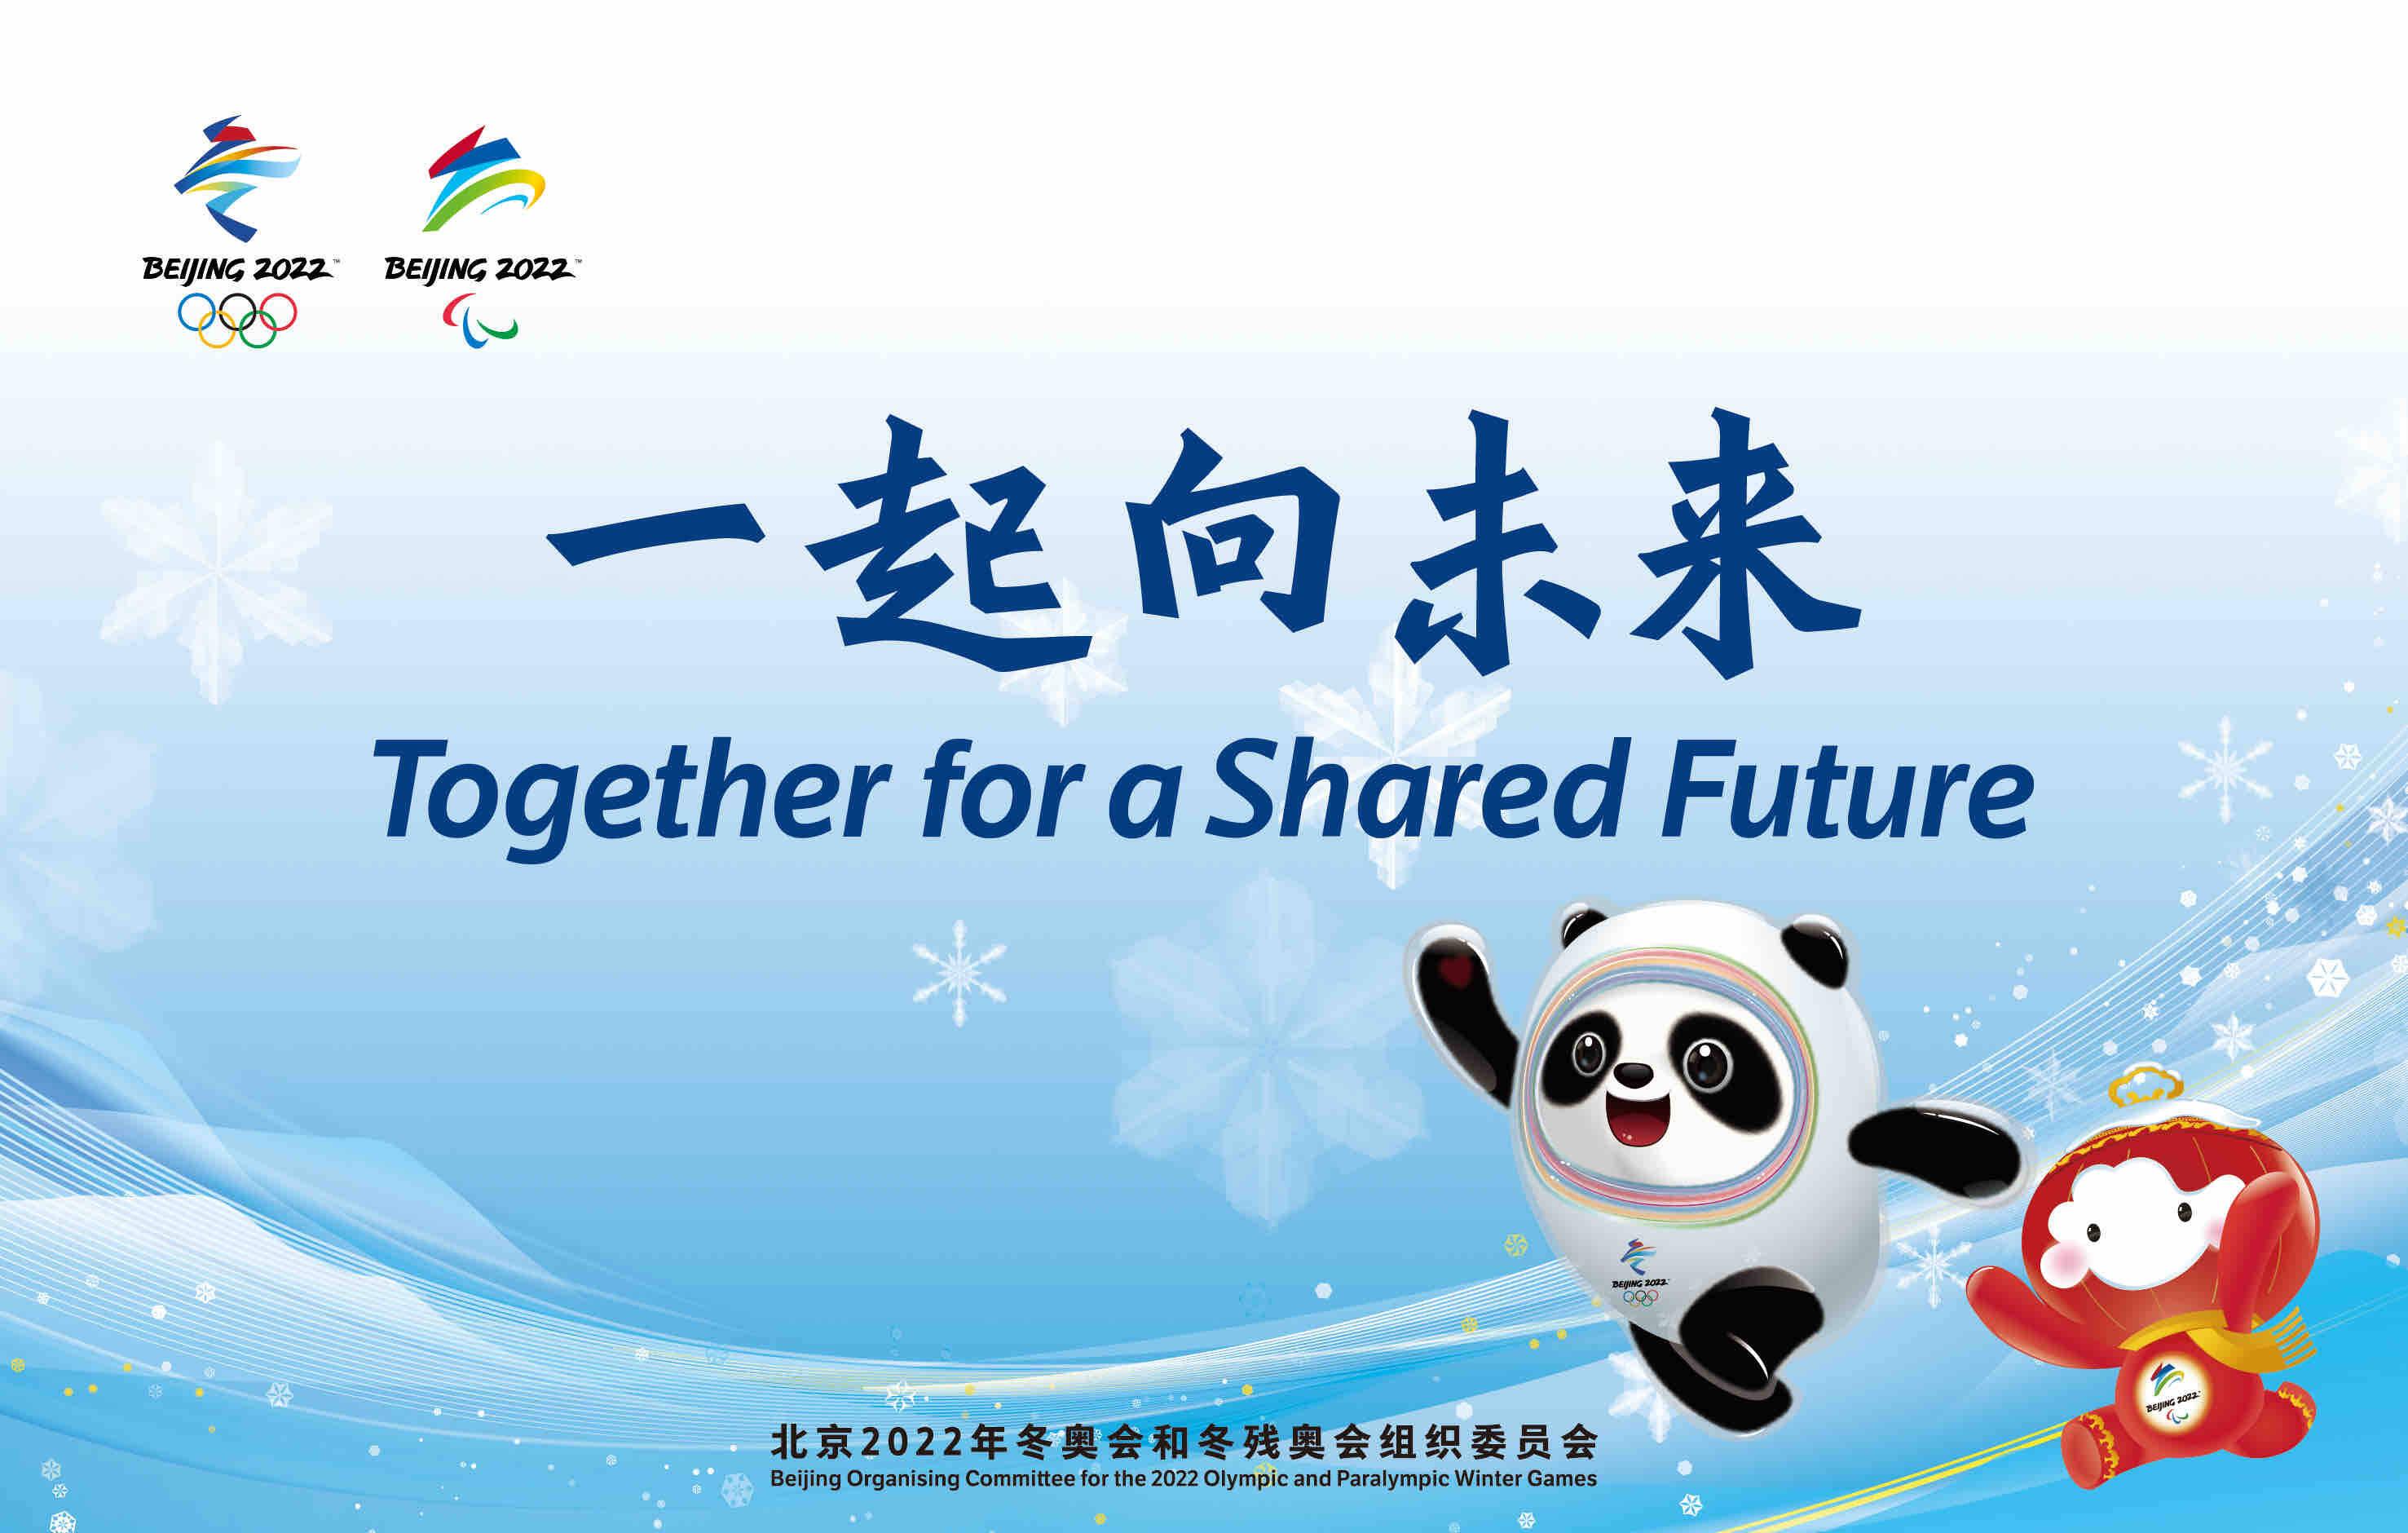 """""""一起向未来""""  北京2022年冬奥会和冬残奥会主题口号发布"""